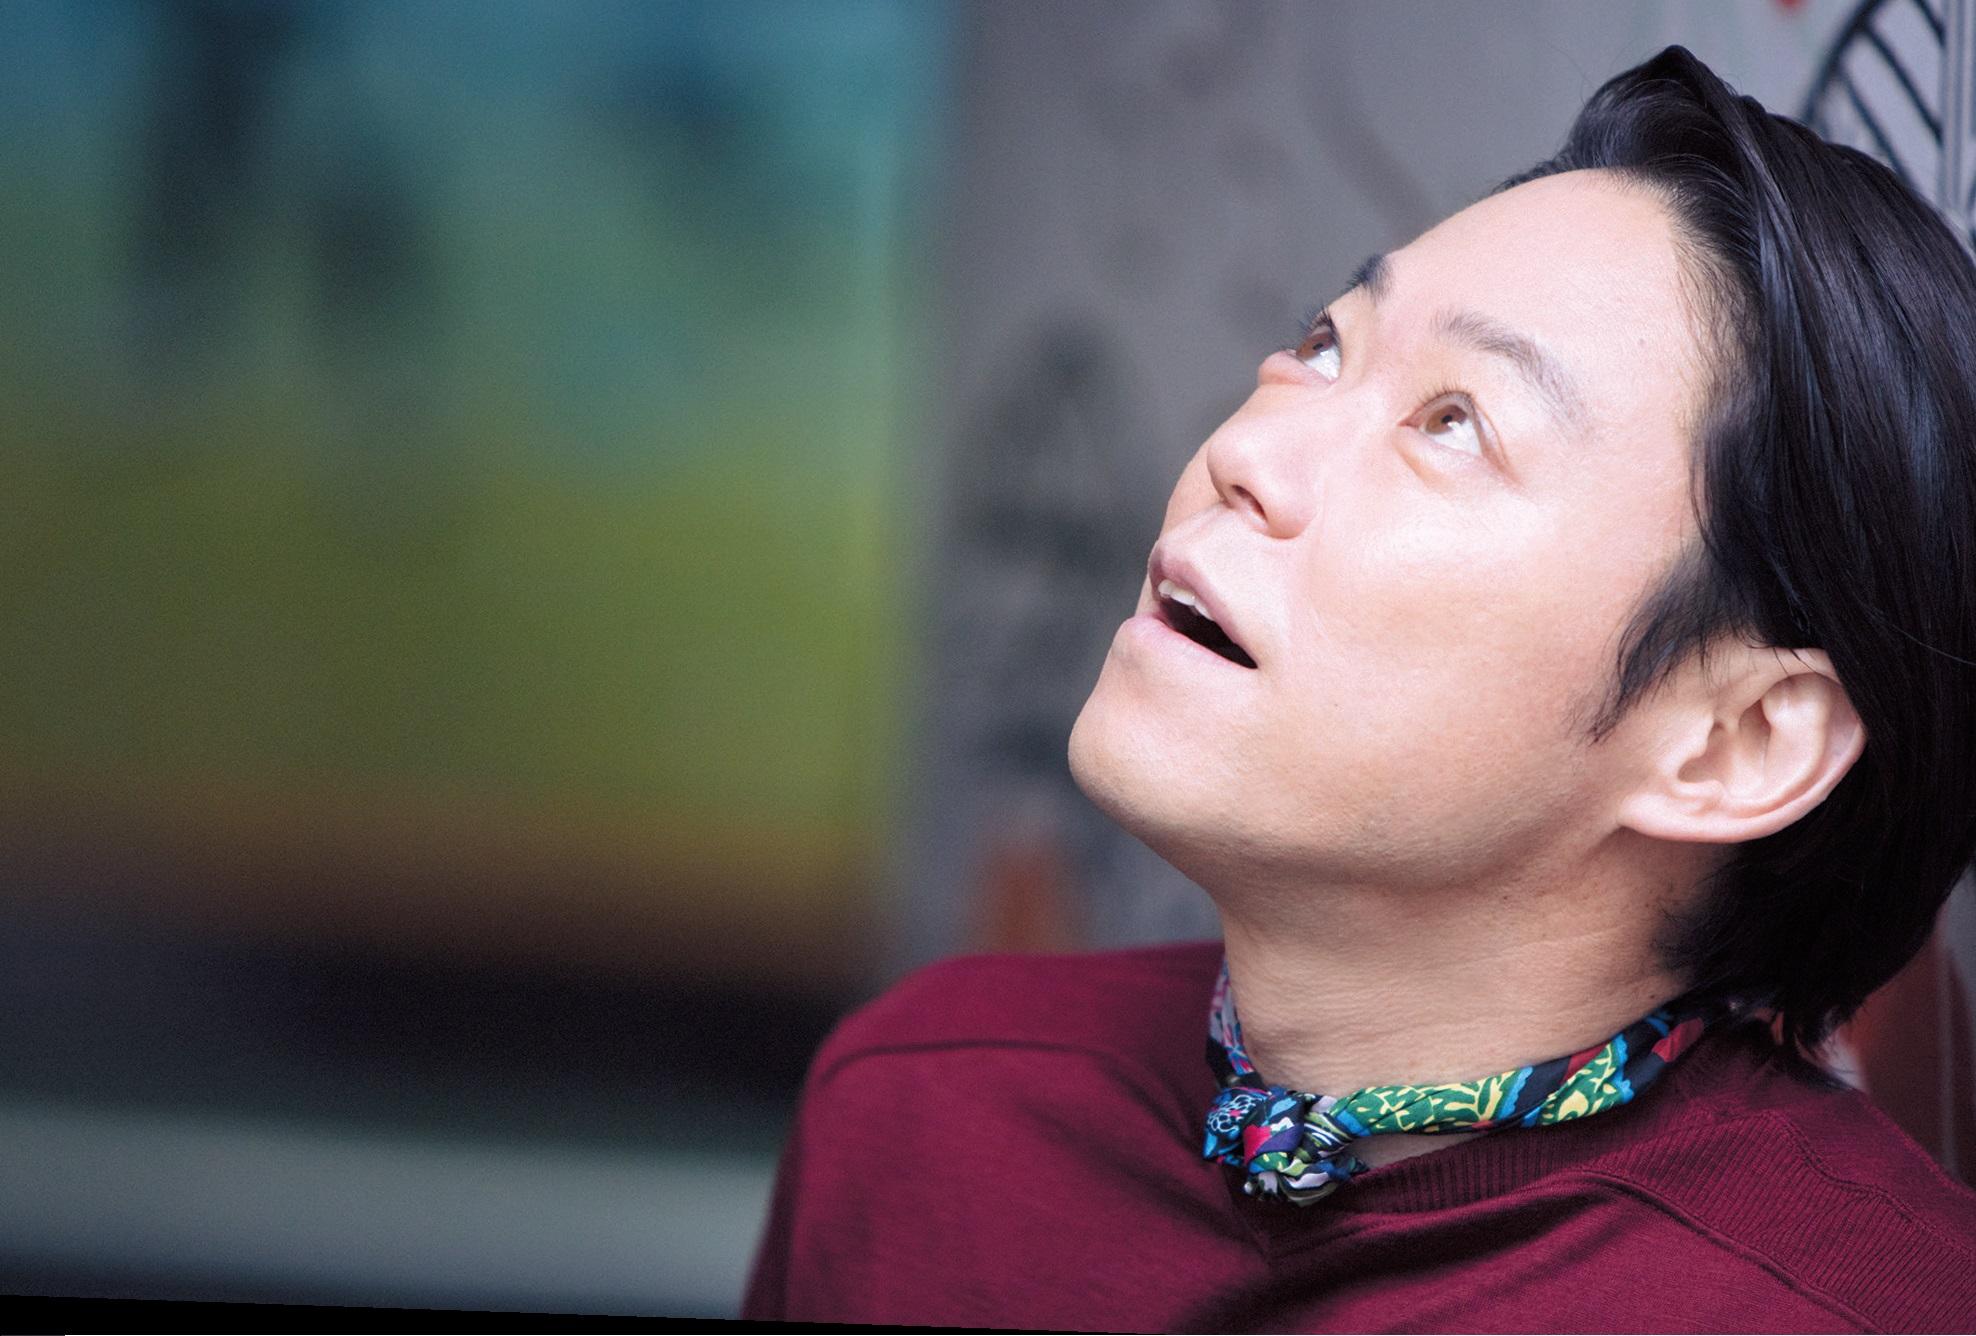 蒼井優との最新作で不潔な男を…阿部サダヲ「逆に面白かった」